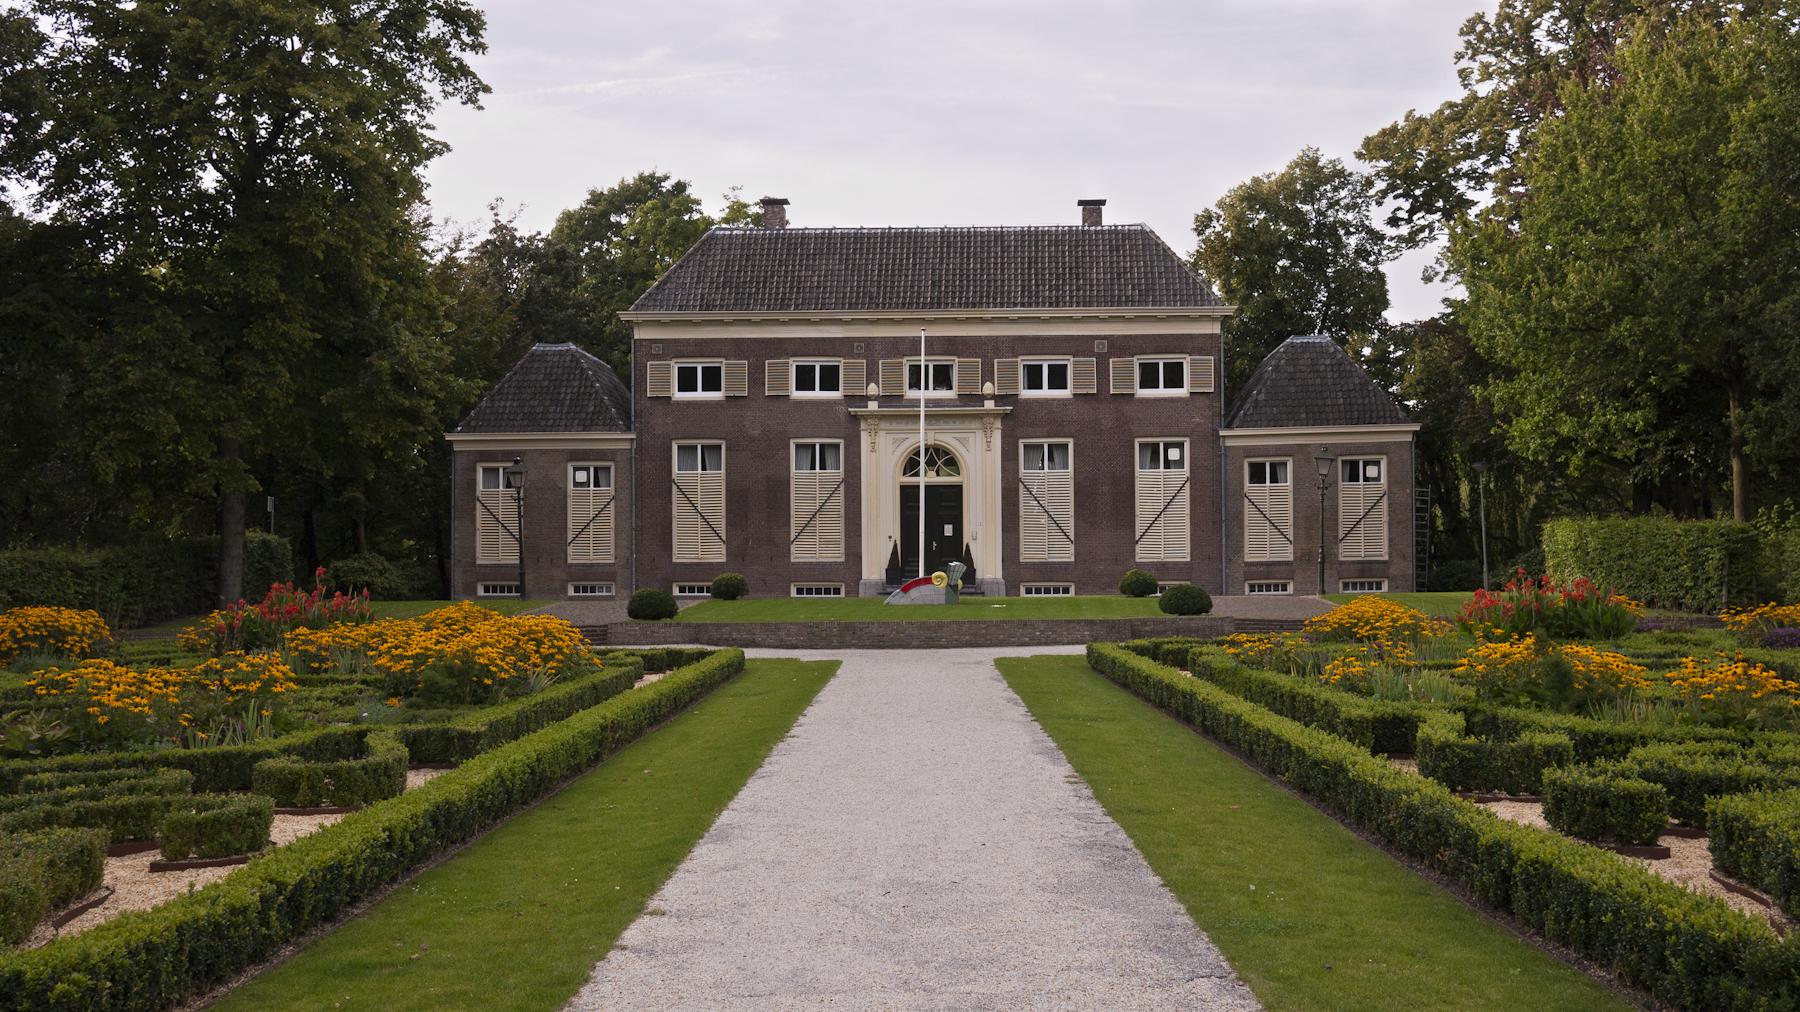 Herenhuis 'de Heuvel' Buitenhuis Met Versierde Deurpartij